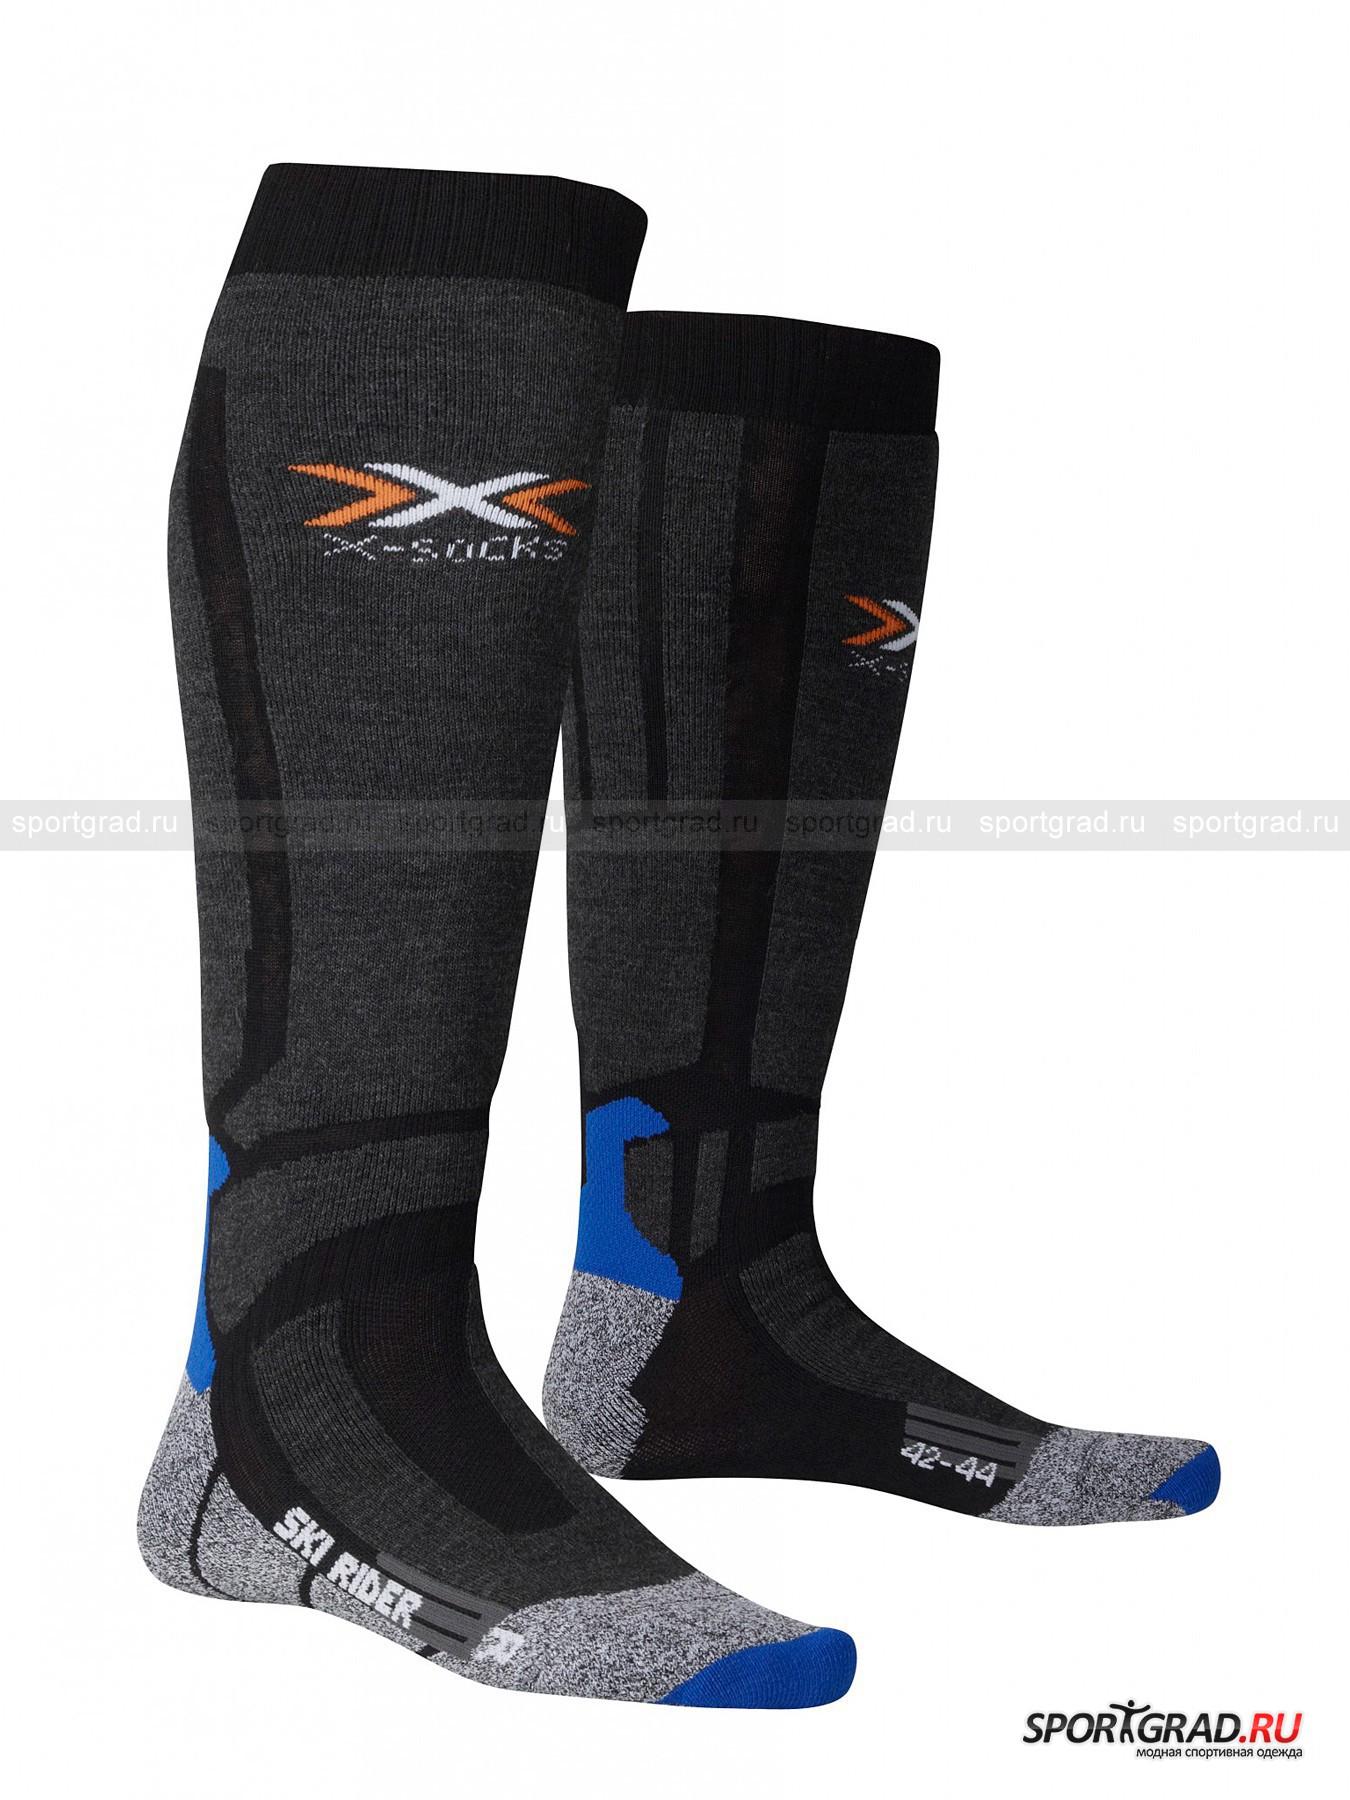 ����� ������� SKI RIDER X-SOCKS